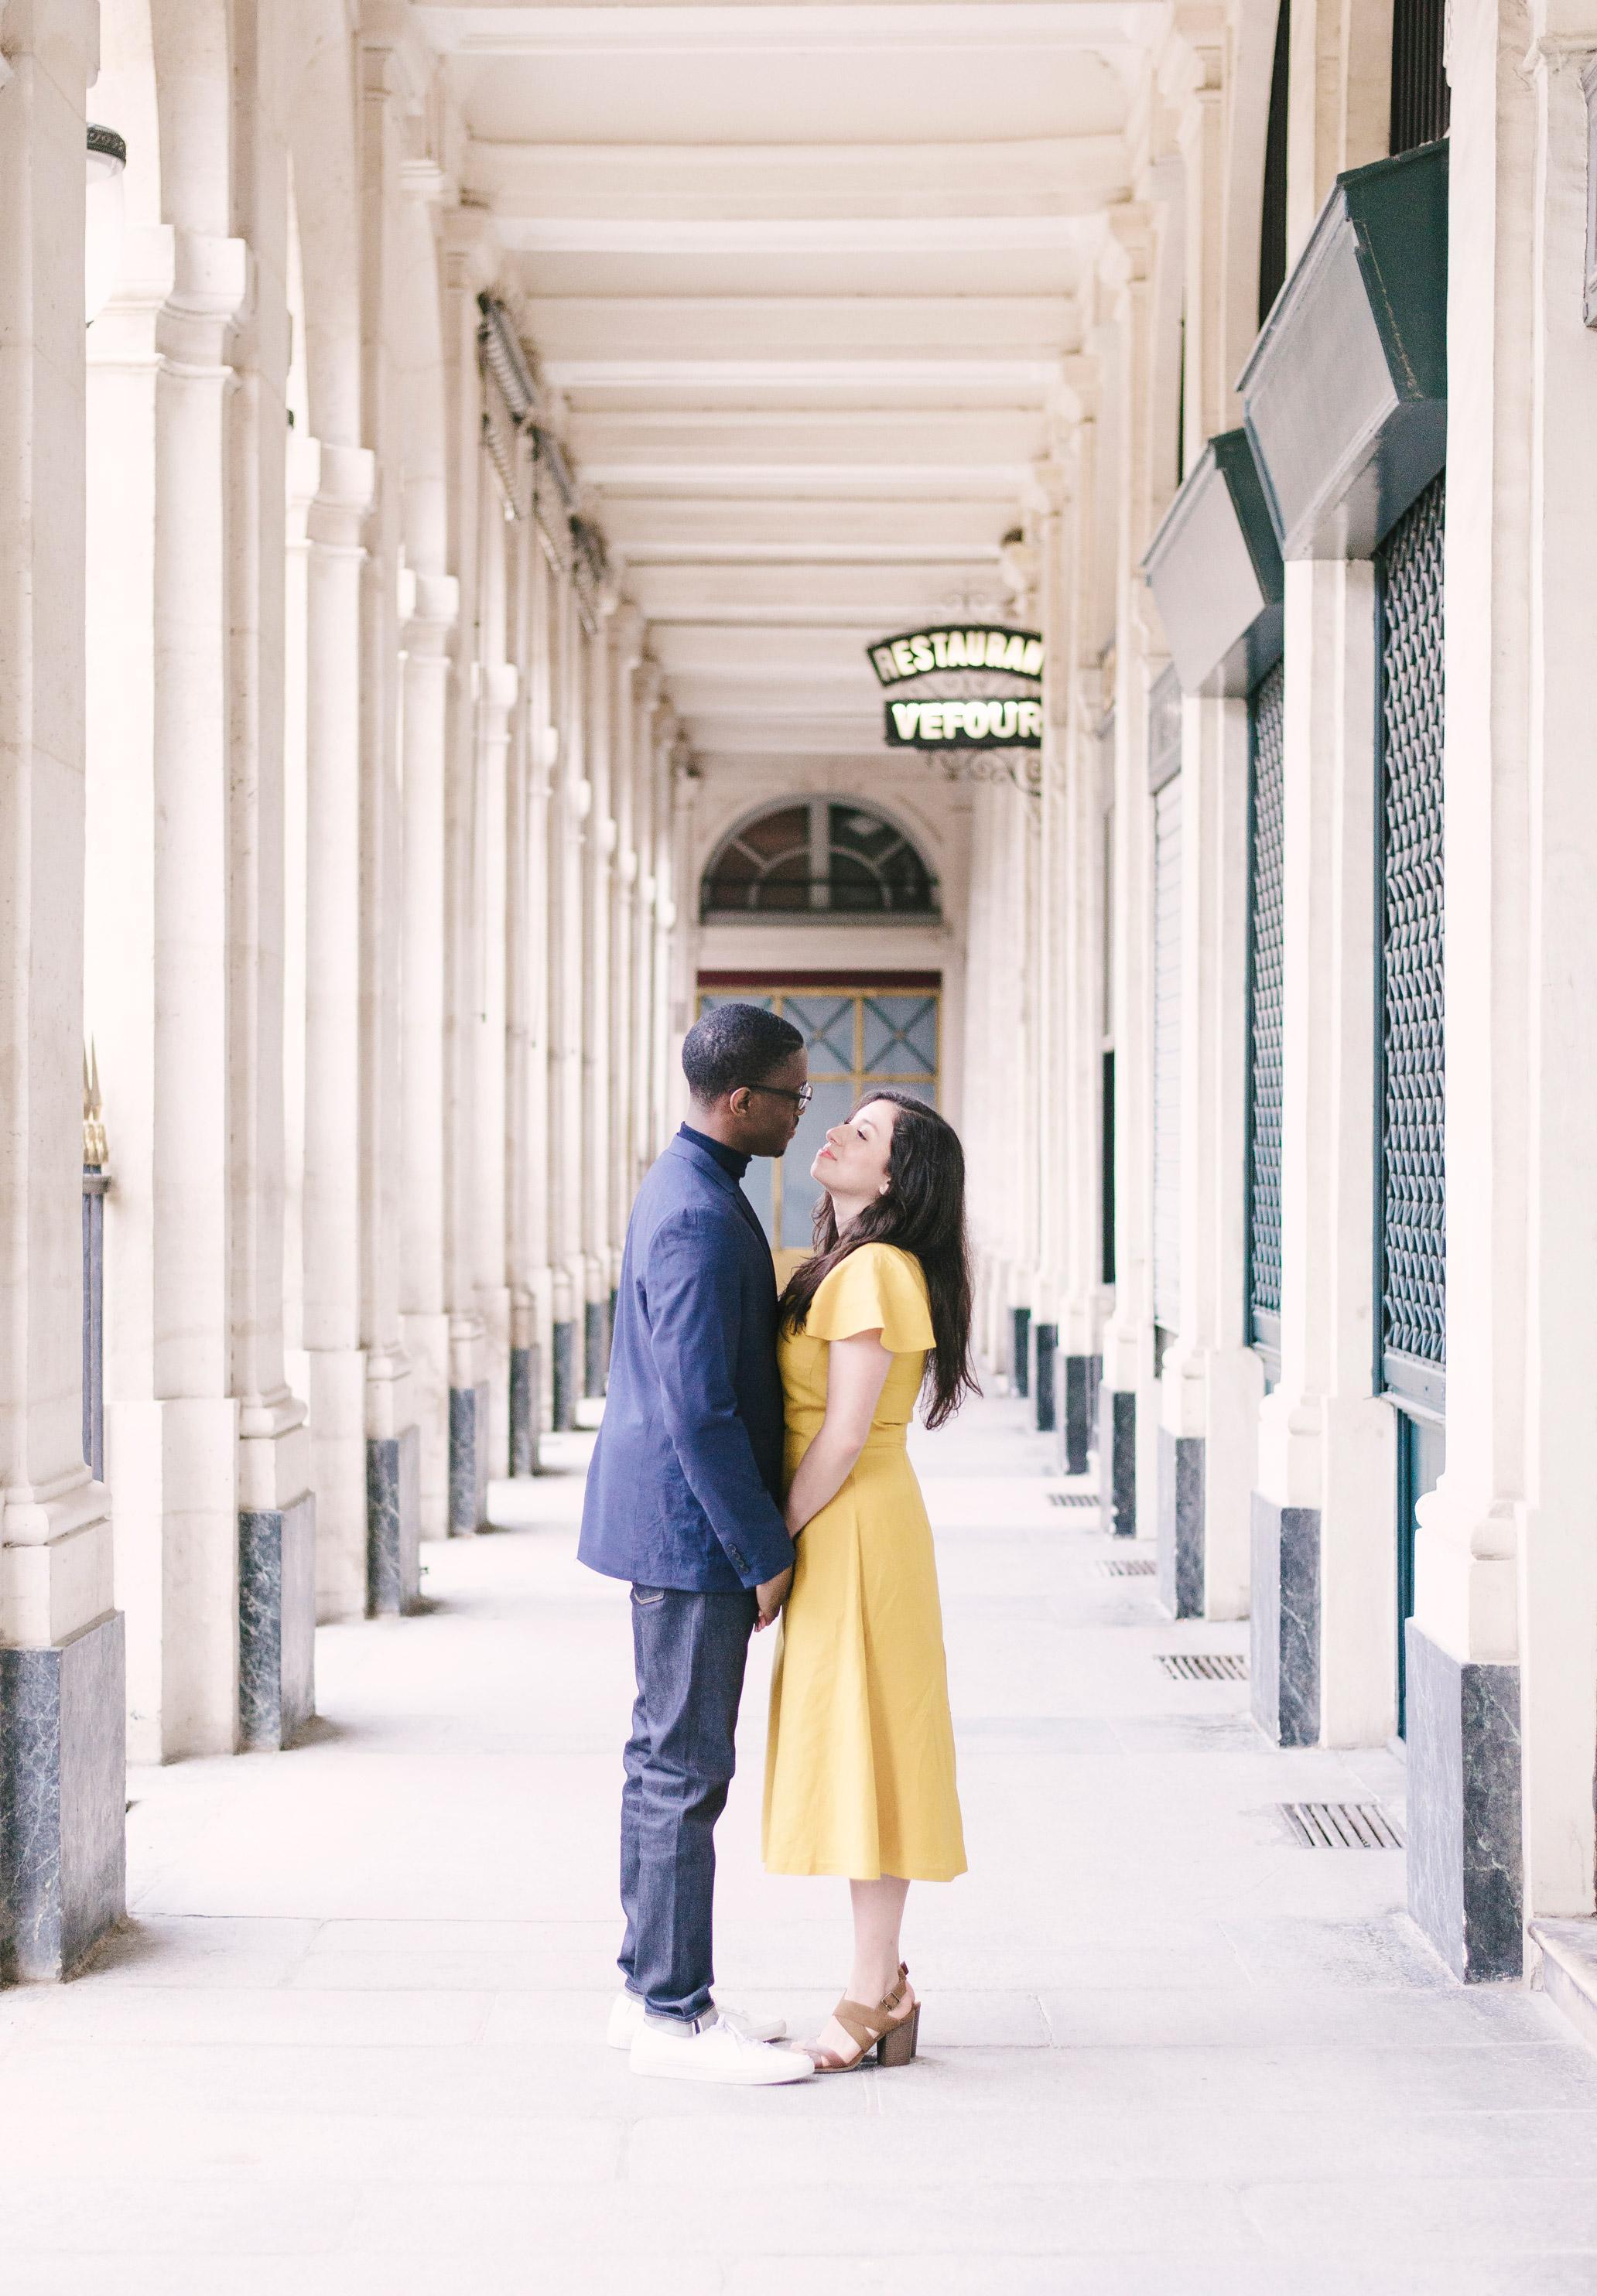 Couple-photoshoot-Paris-Pont-des-arts-Louvre-PalaisRoyale-050.jpg